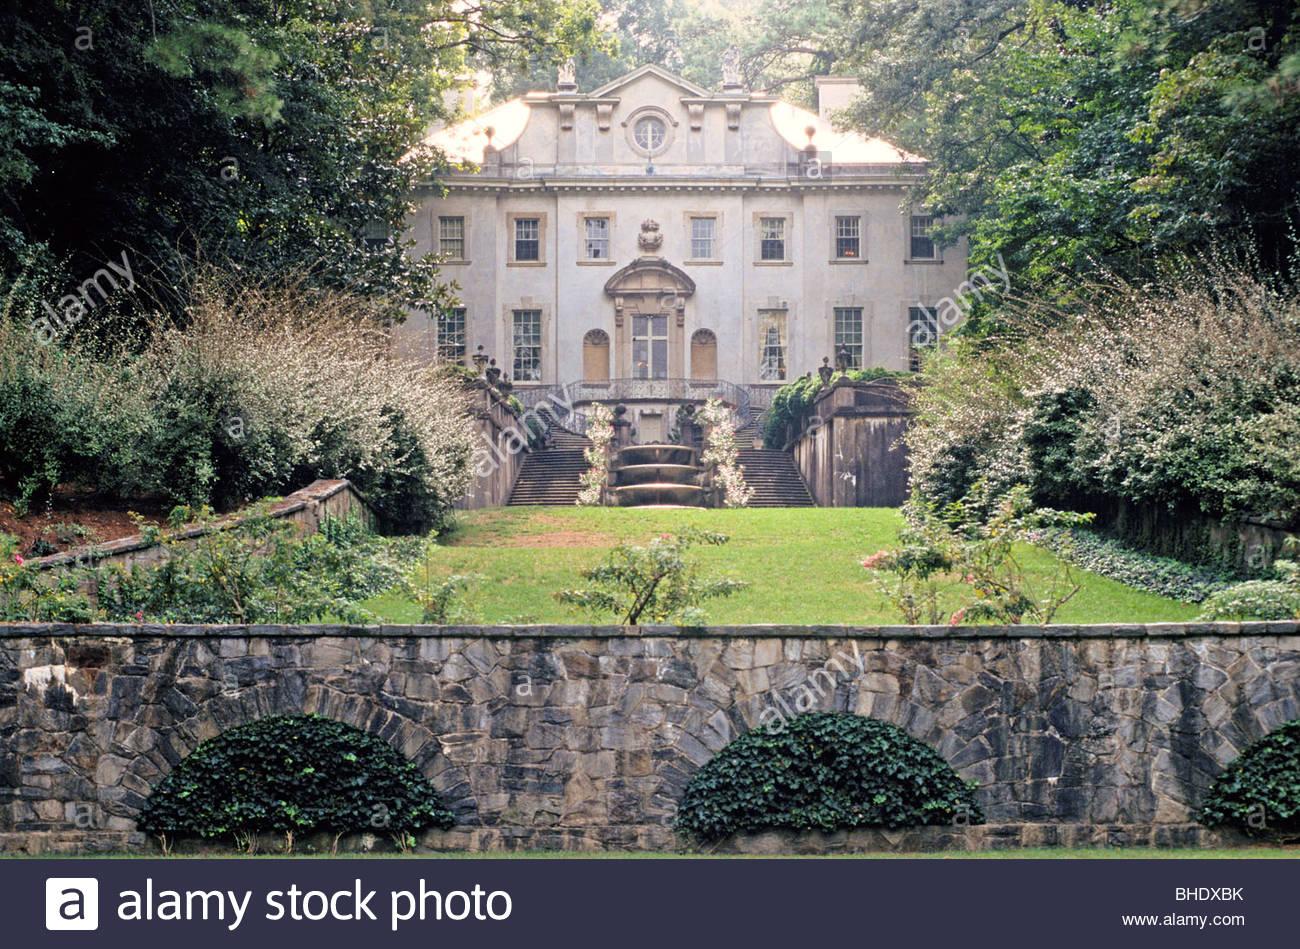 Die Swan House ist ein hervorragendes Beispiel für den zweiten Neorenaissance-Stil und repräsentiert die Stockbild